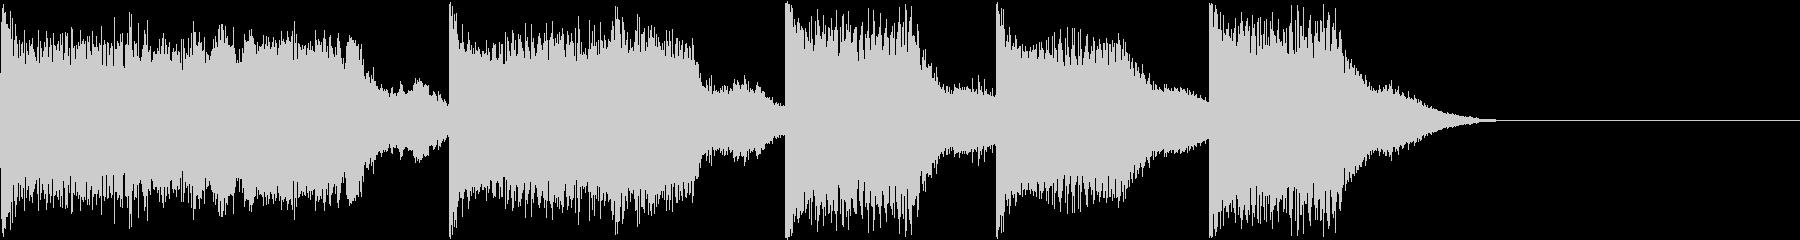 AI メカ/ロボ/マシン動作音 10の未再生の波形